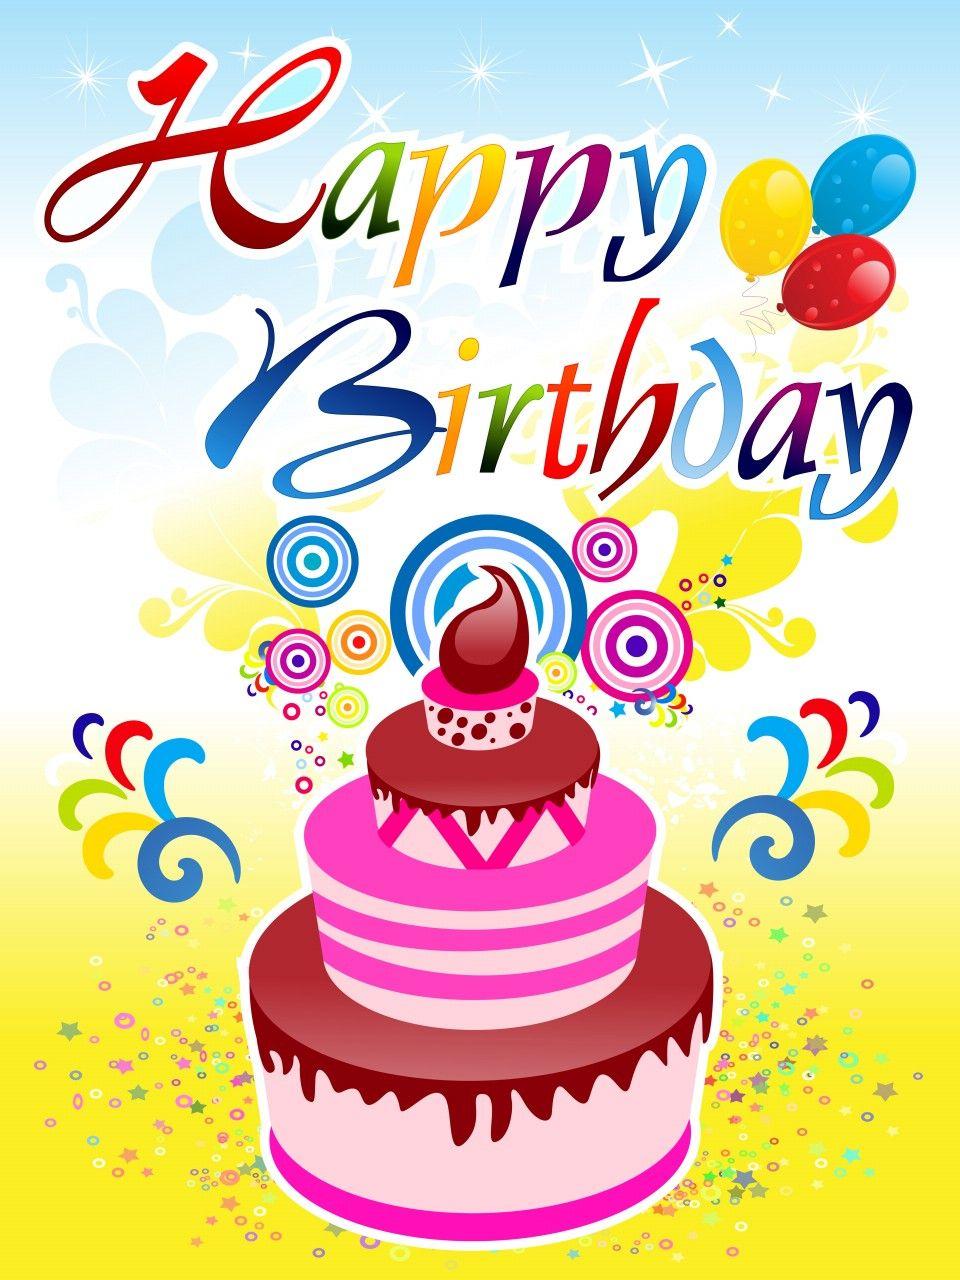 Manisha Birthday Cake Images : Happy birthday Happy Birthday! ! Pinterest